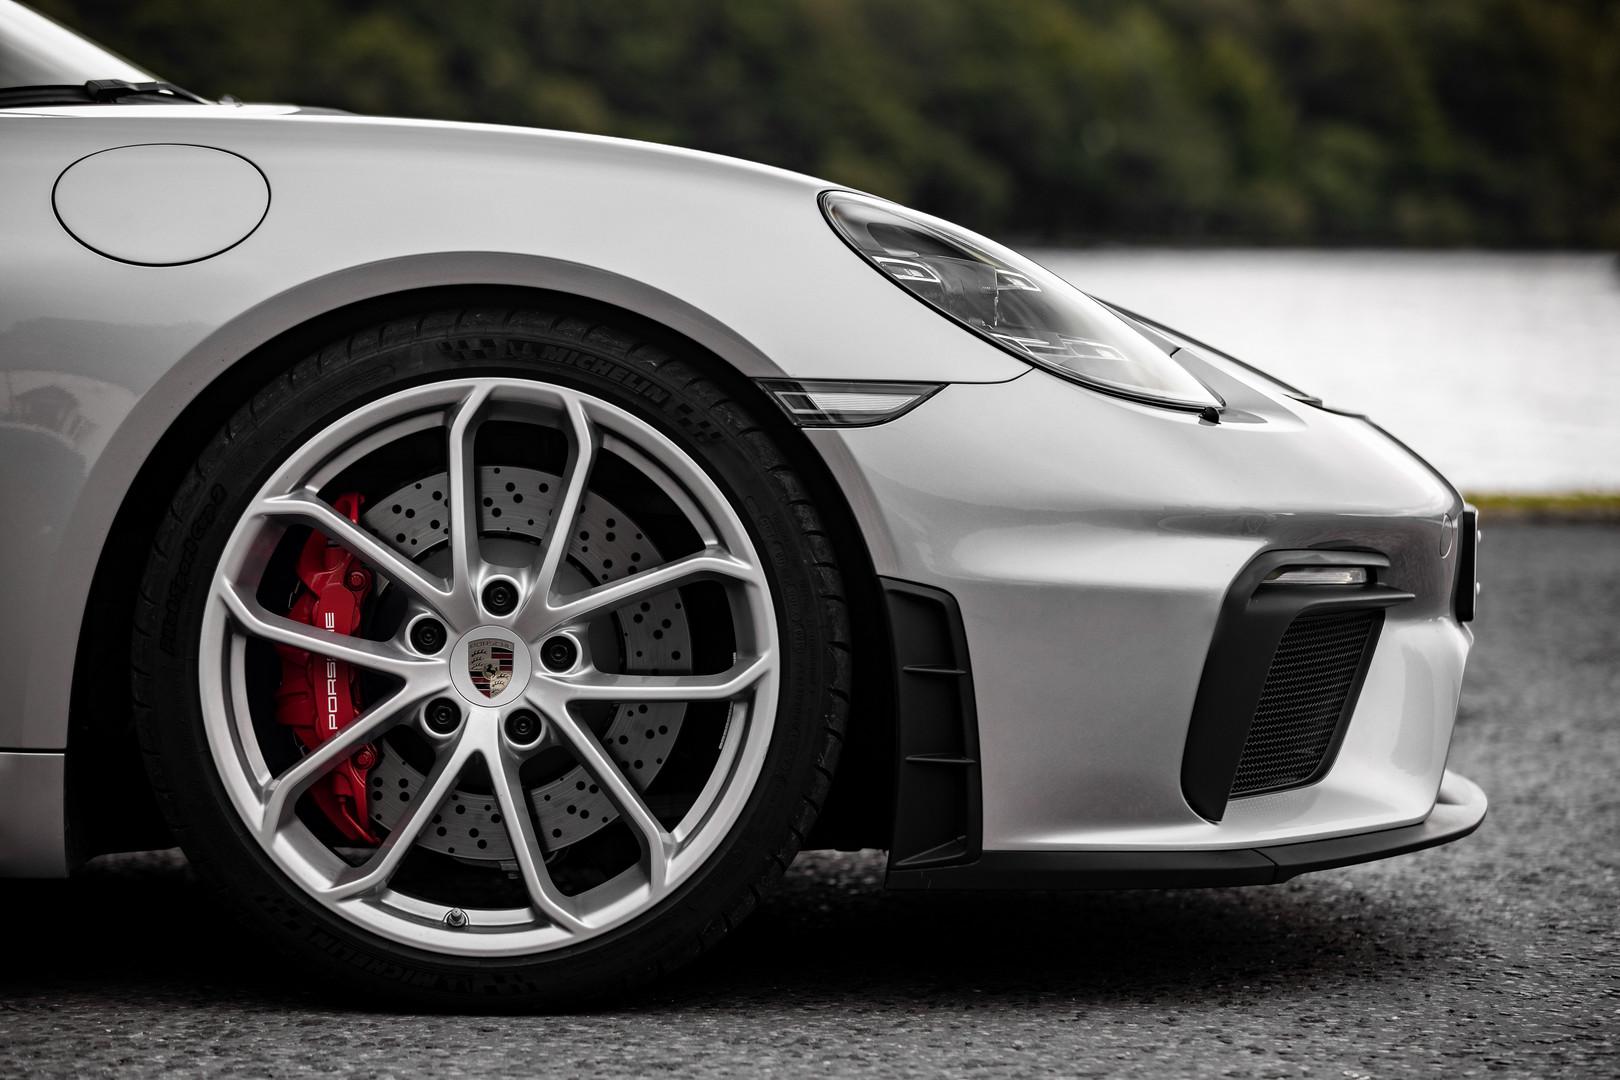 Porsche 718 Spyder Wheels